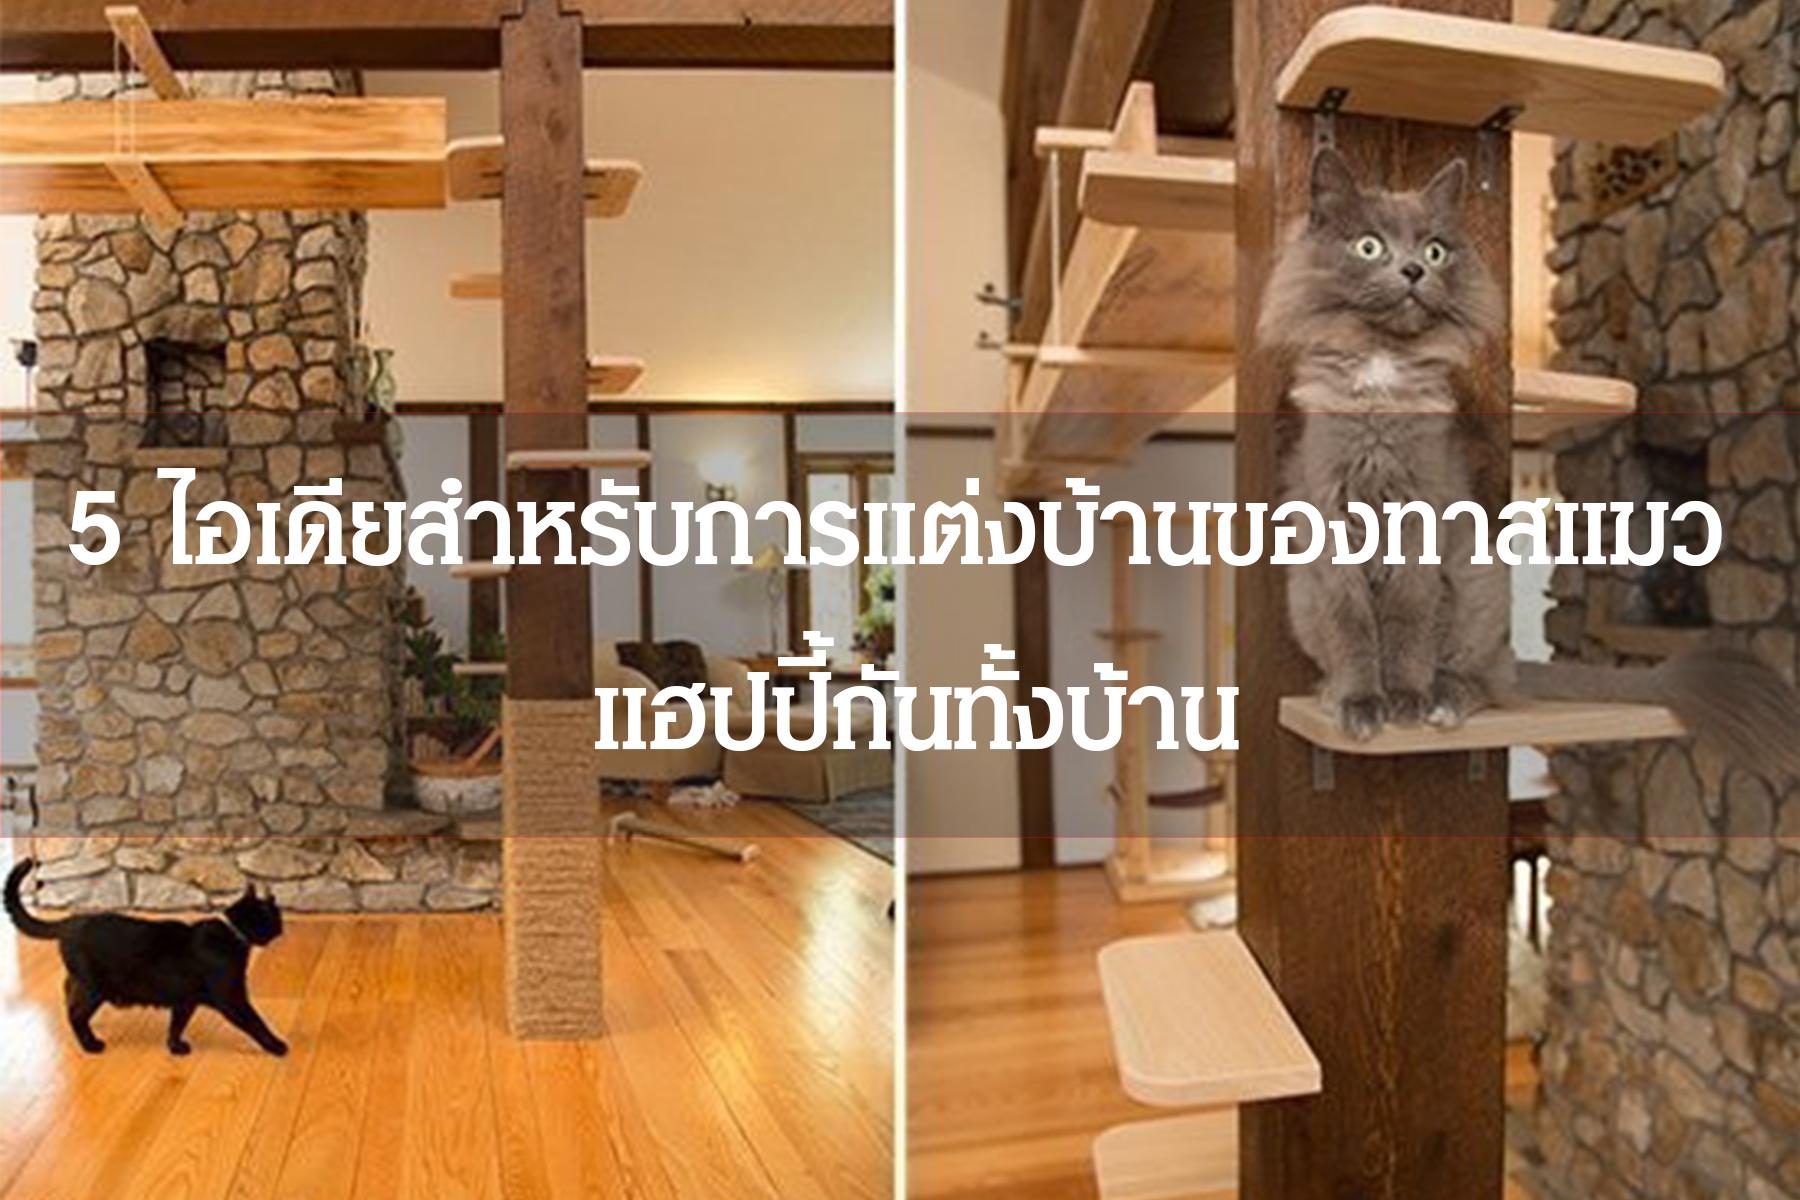 5 ไอเดียสำหรับการแต่งบ้านของทาสแมว แฮปปี้กันทั้งบ้าน